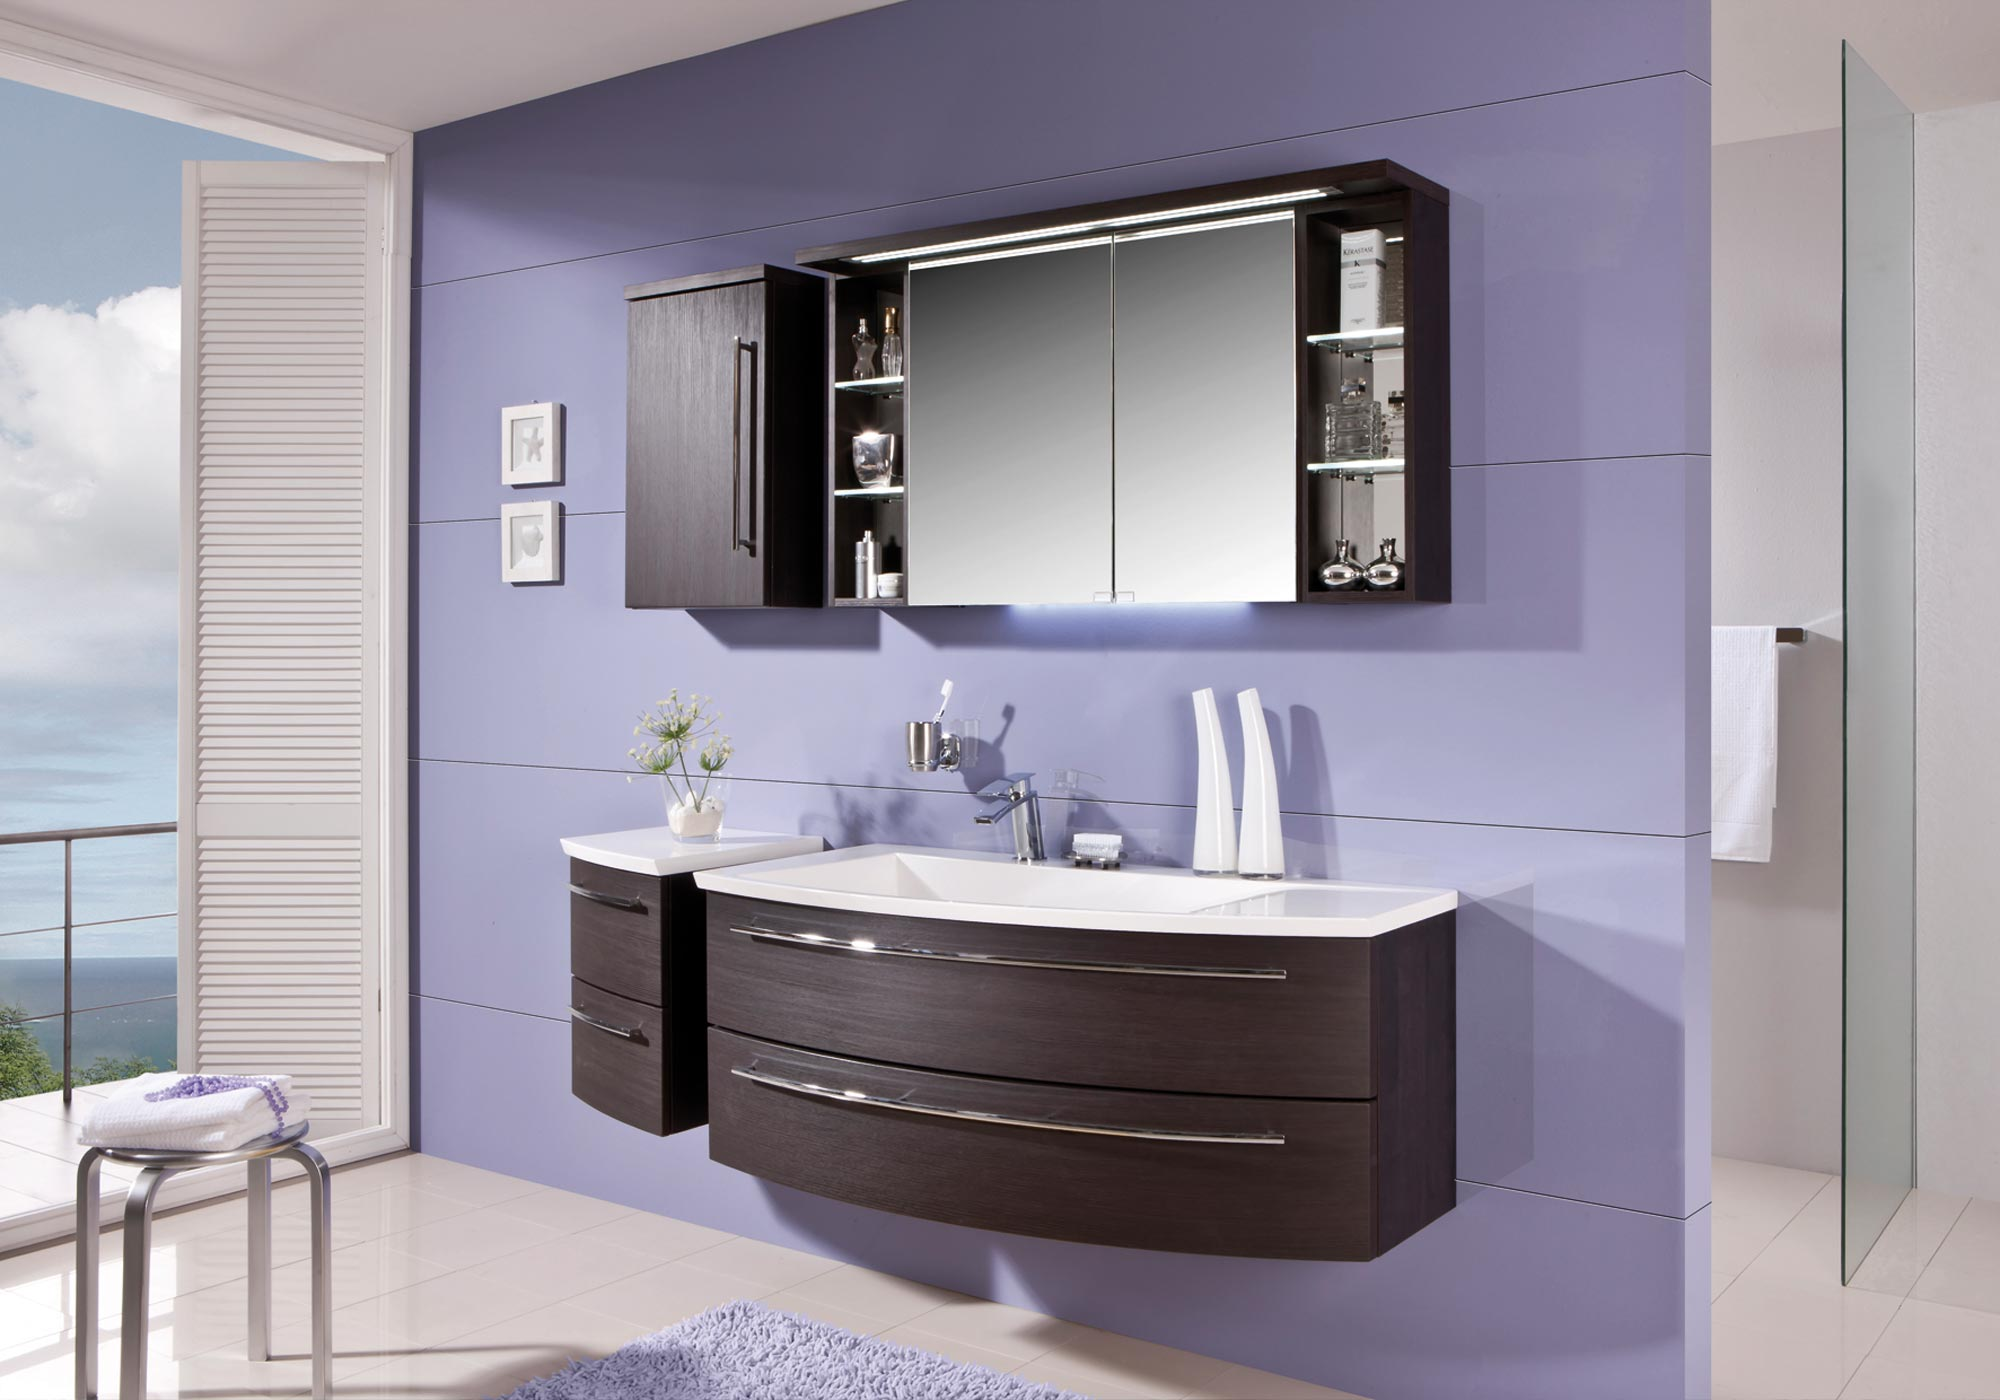 Crescendo meubles de salle de bains baignoires for Fabricant meuble salle de bain